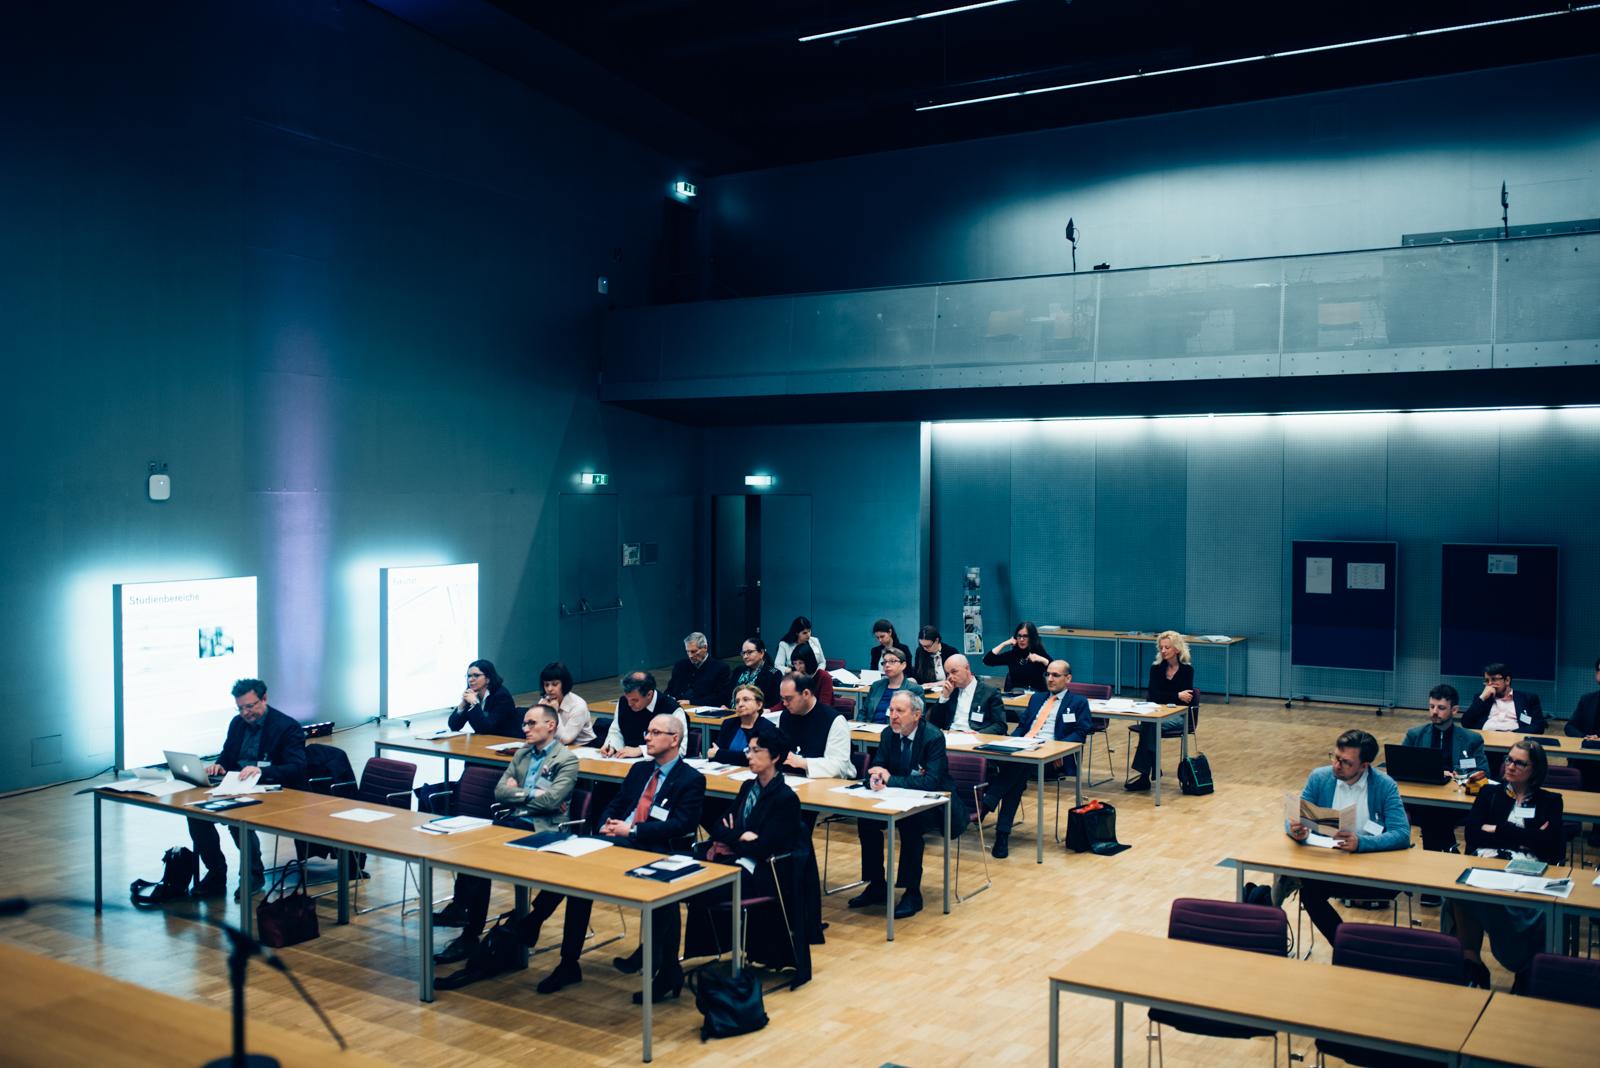 Reger Andrang bei der Tagung im Audimax der Donau-Universität Krems.